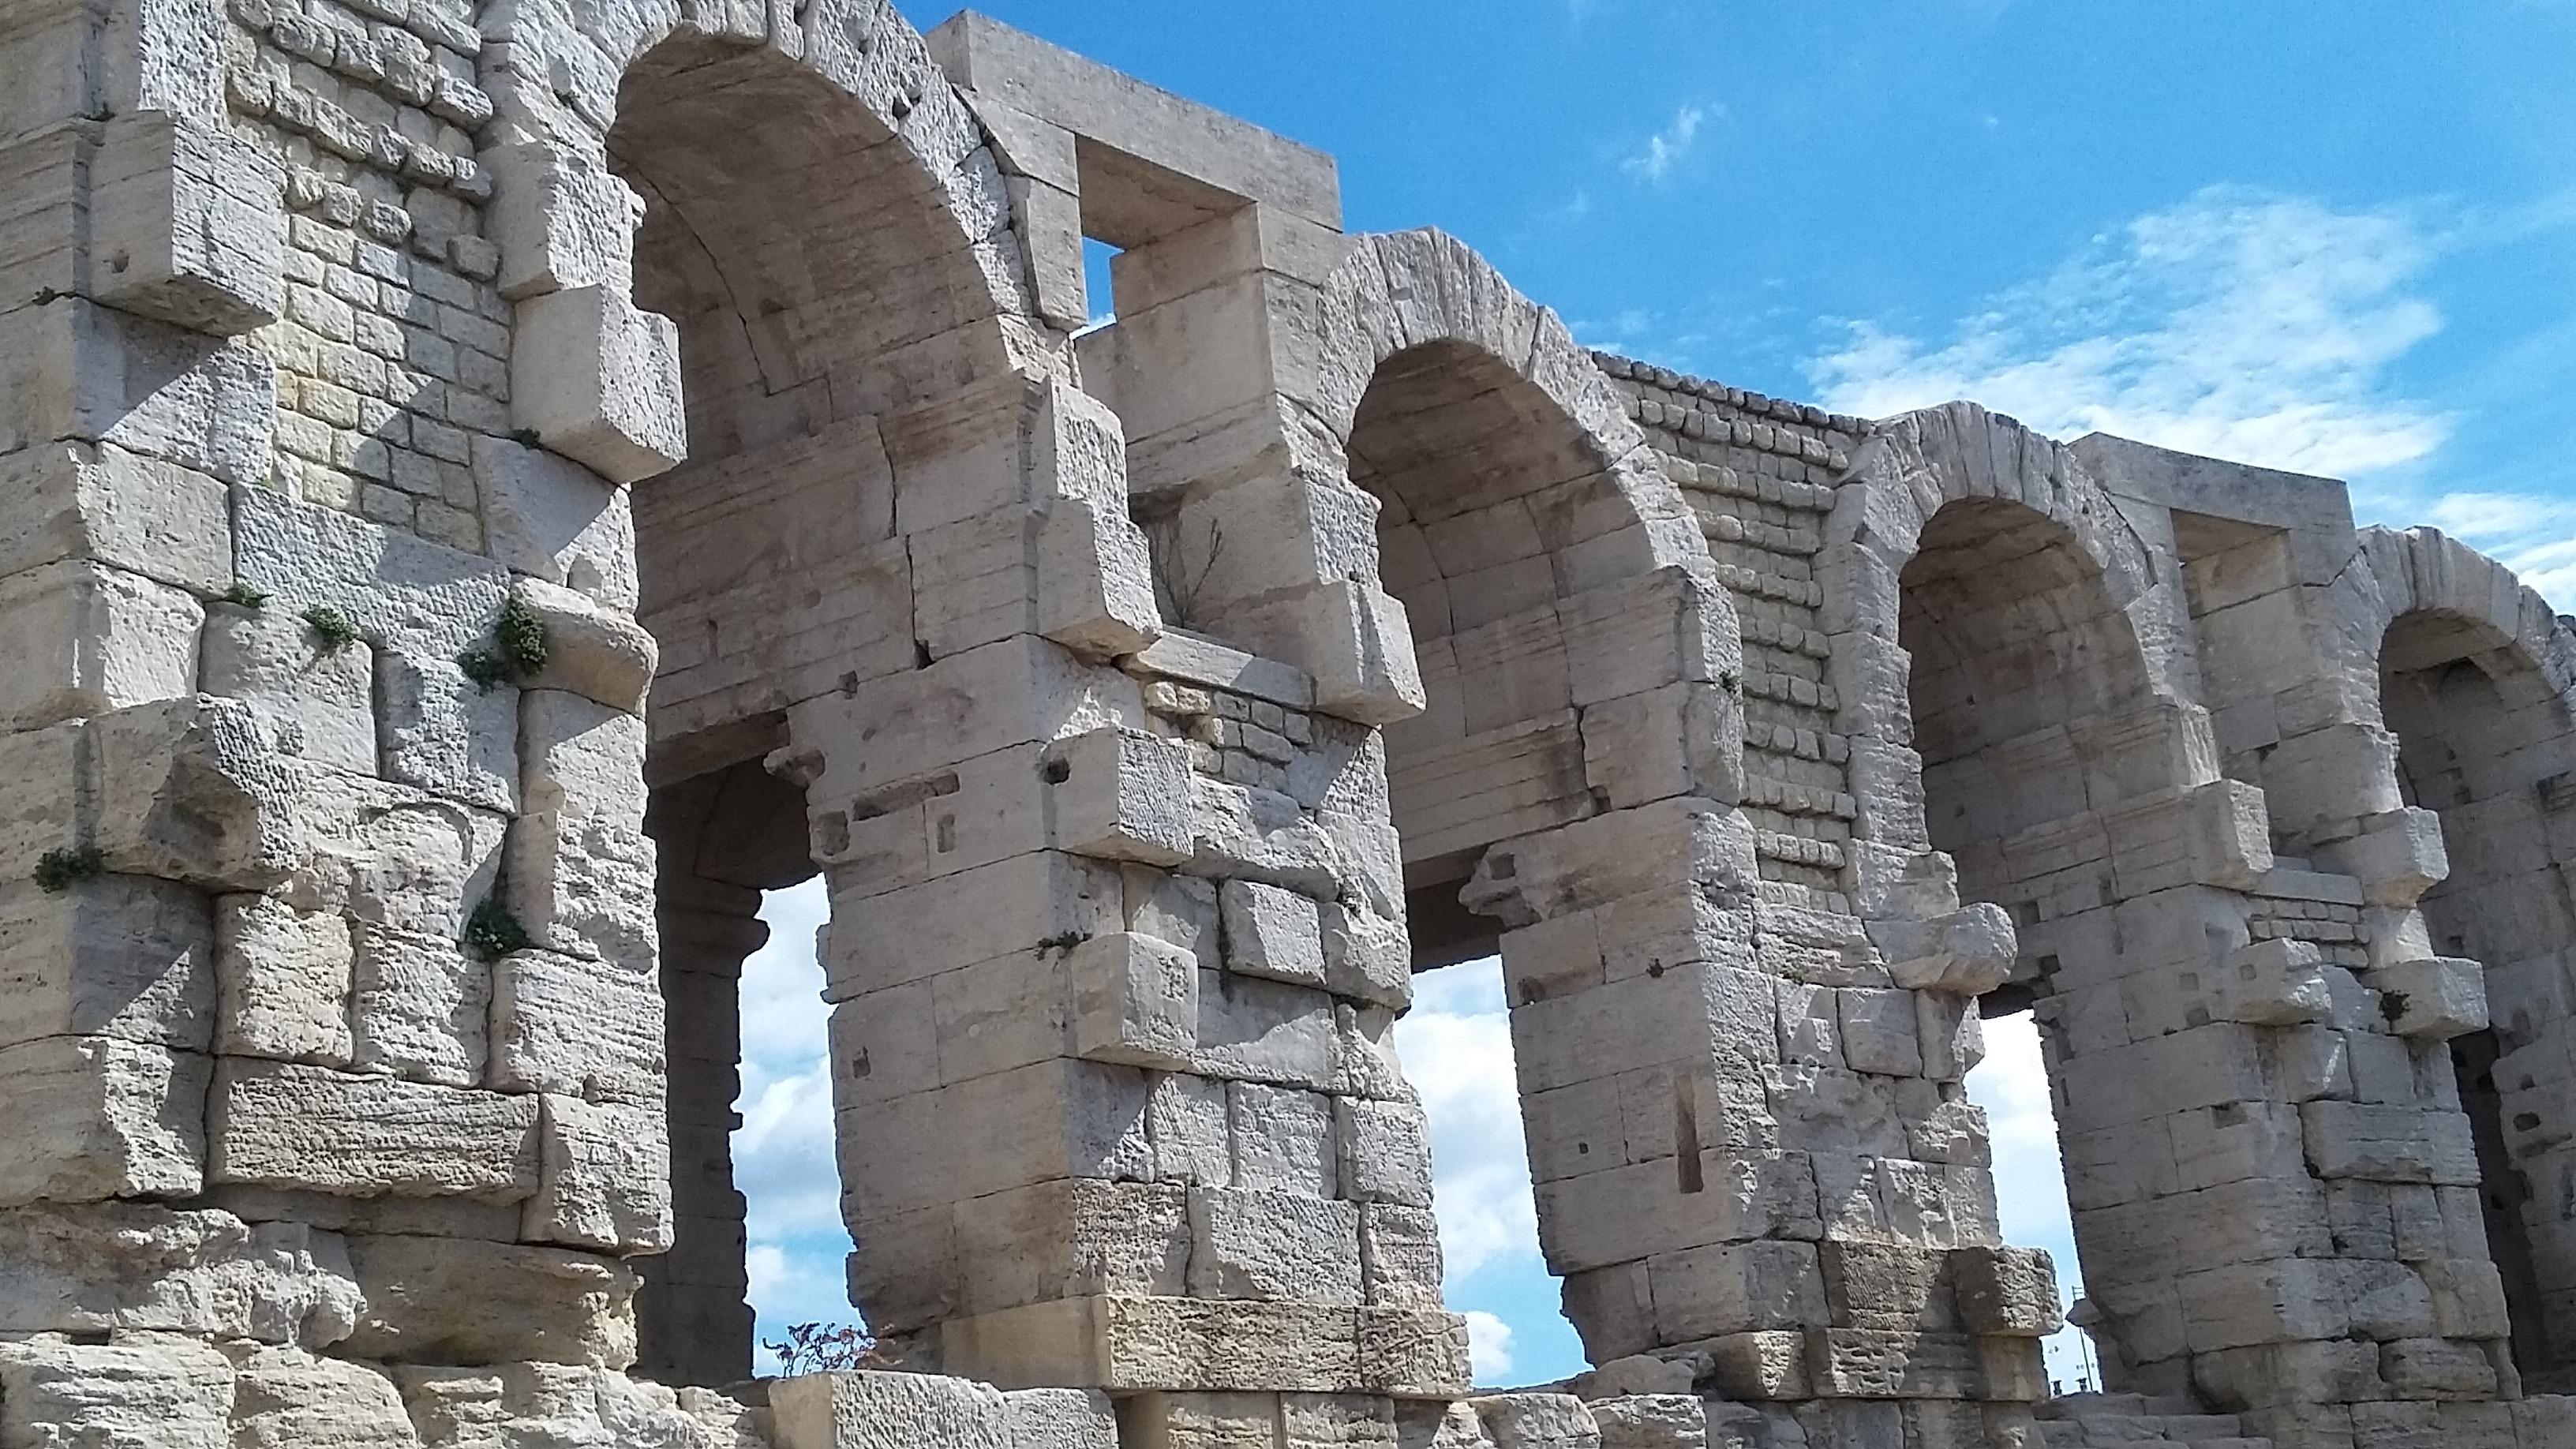 Römisches Amphitheater in Arles